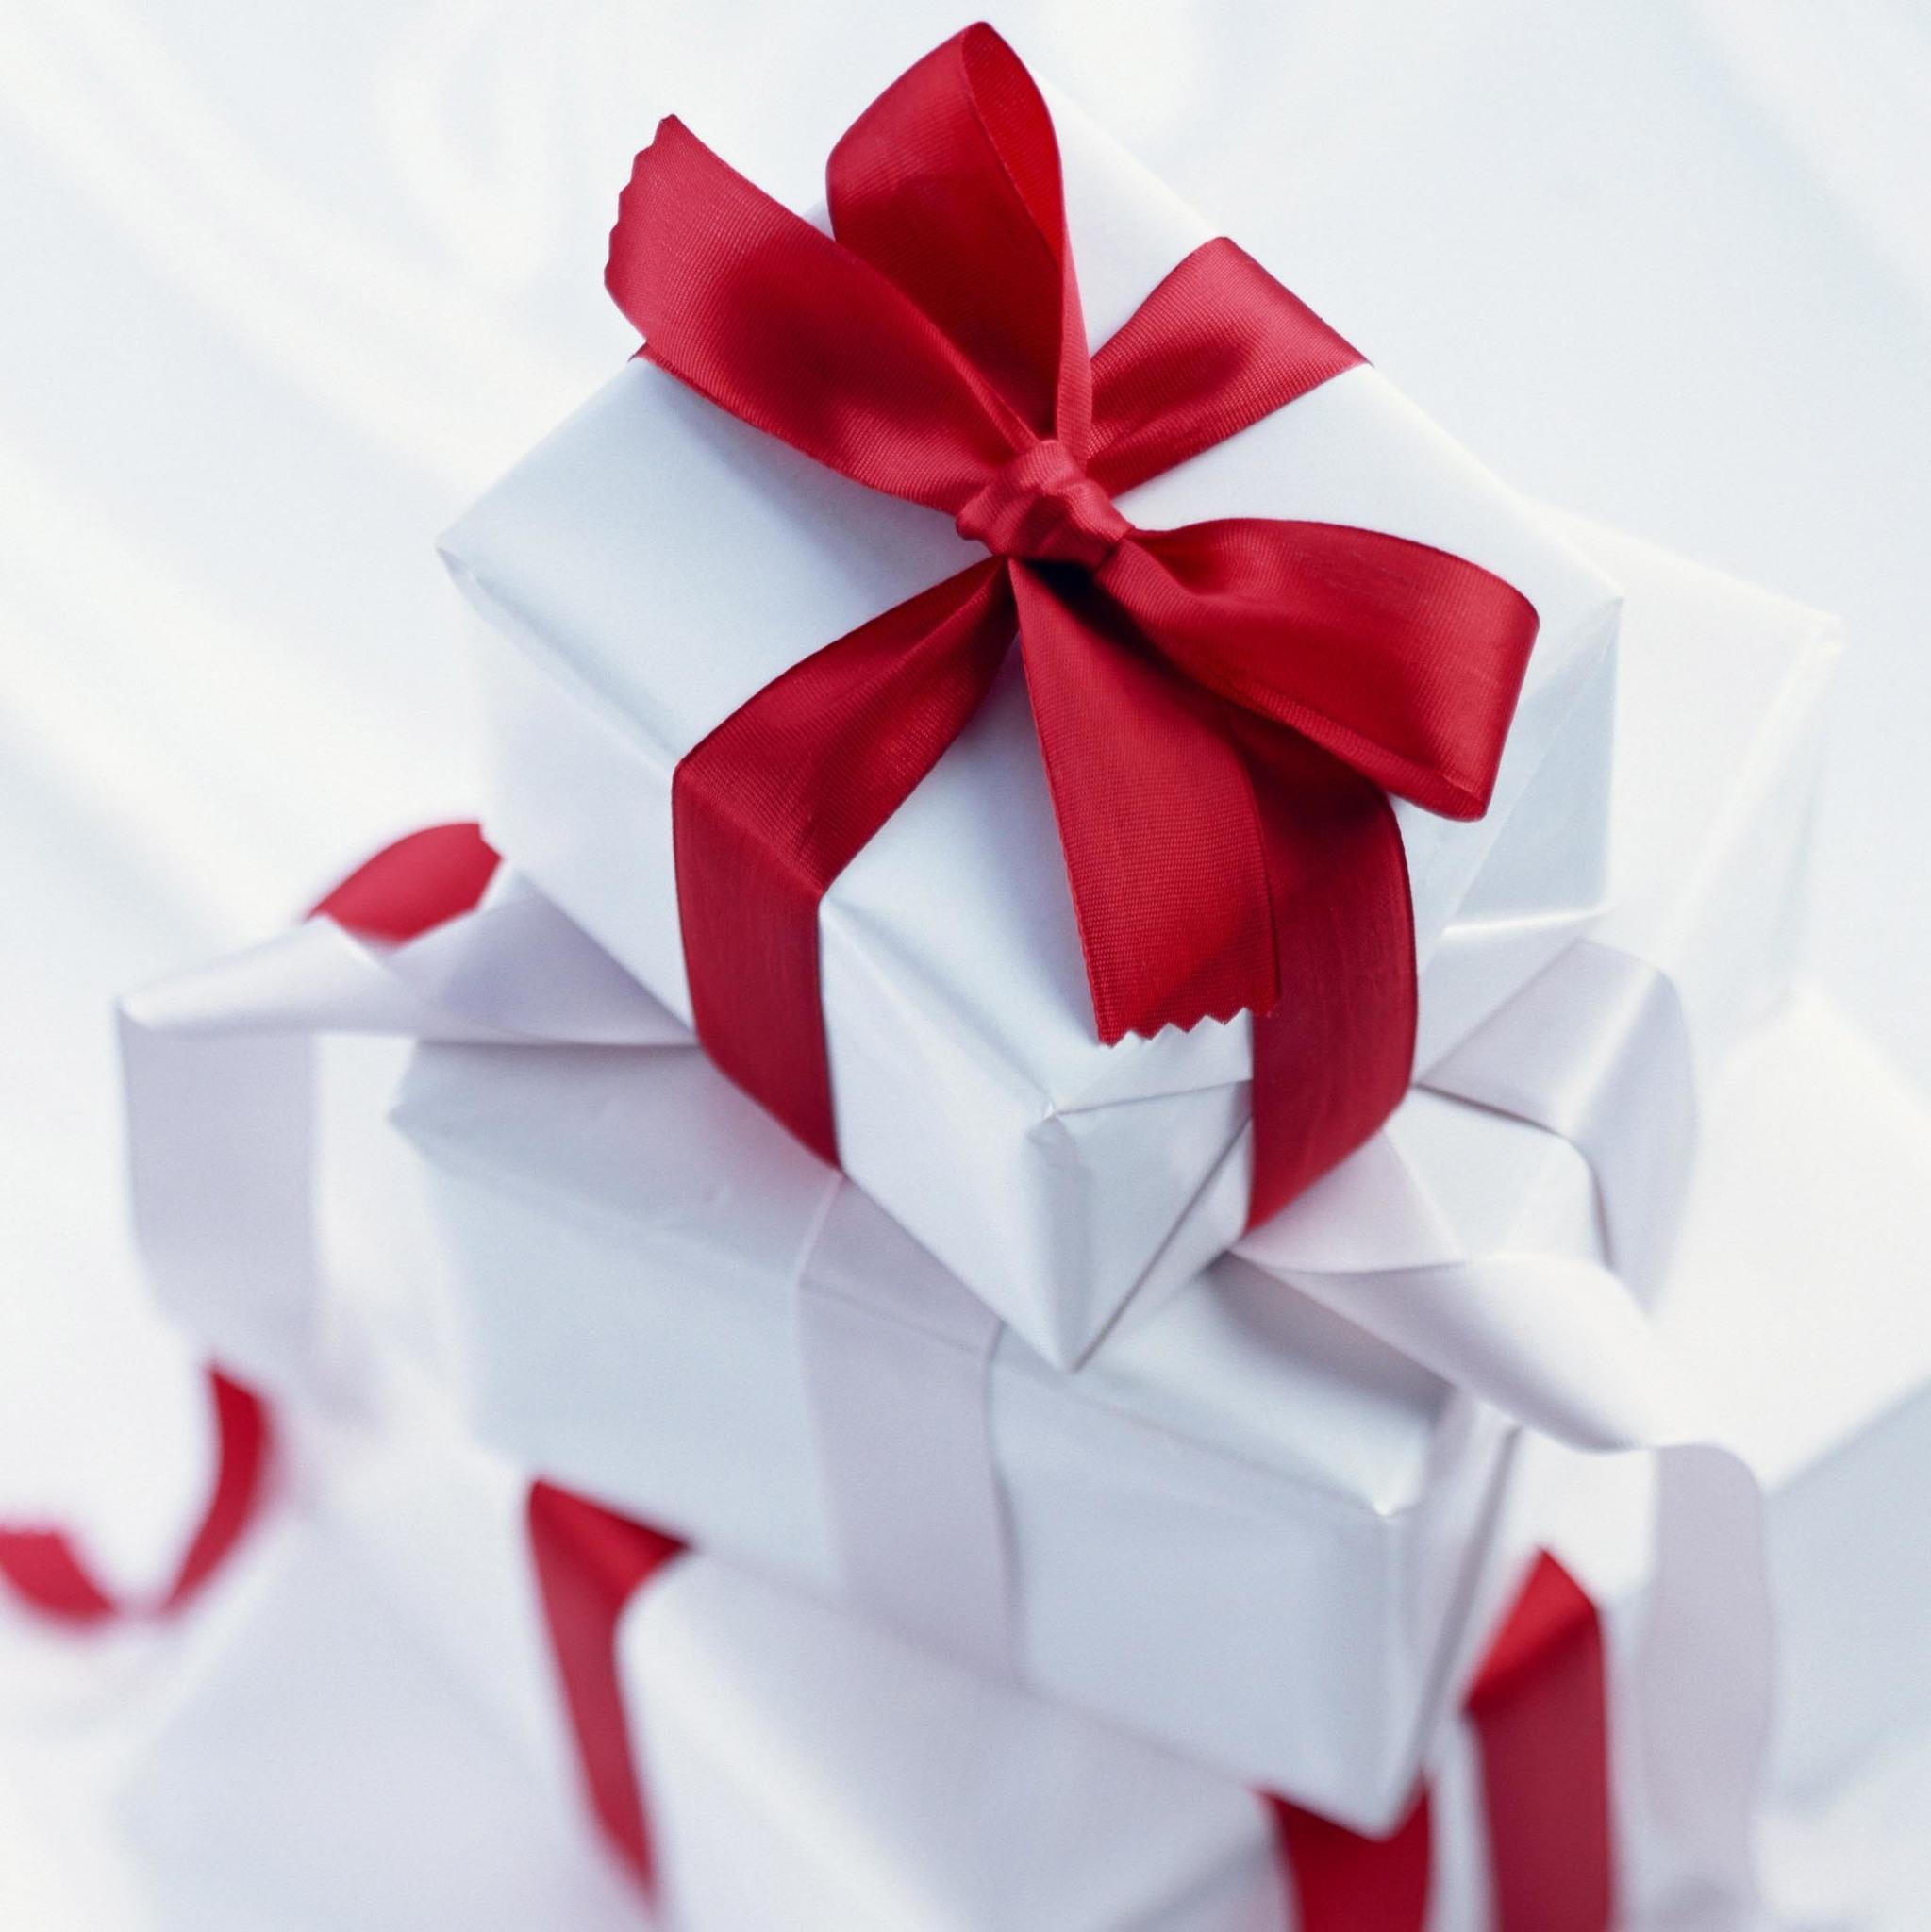 3-й розыгрыш подарков состоялся!